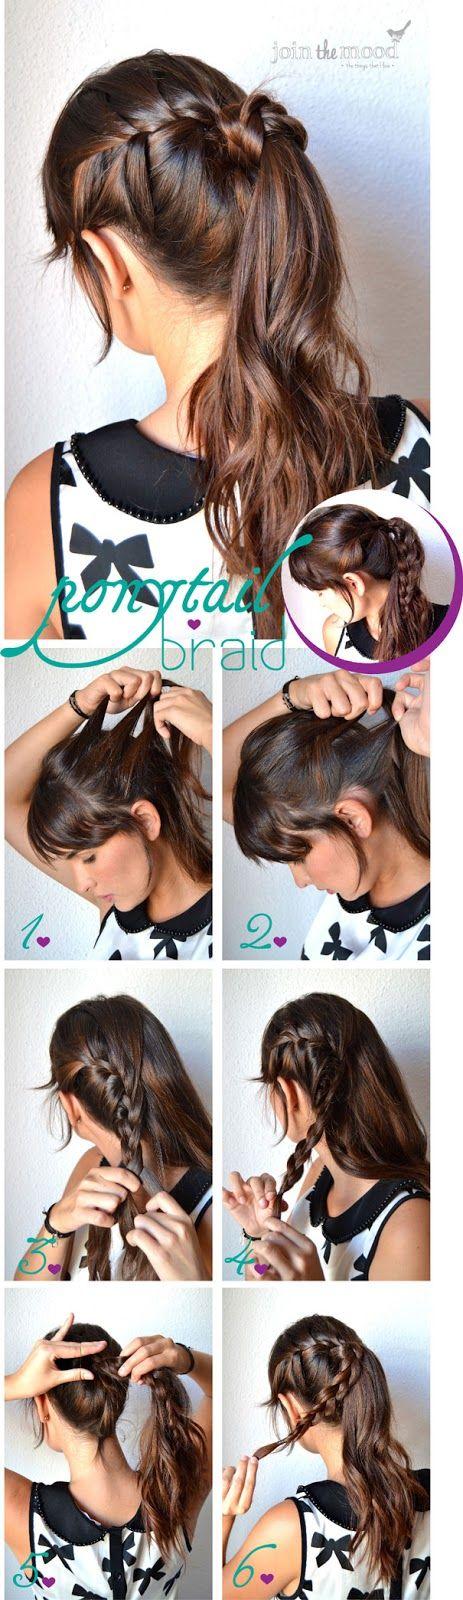 hairstyles / peinados paso a paso